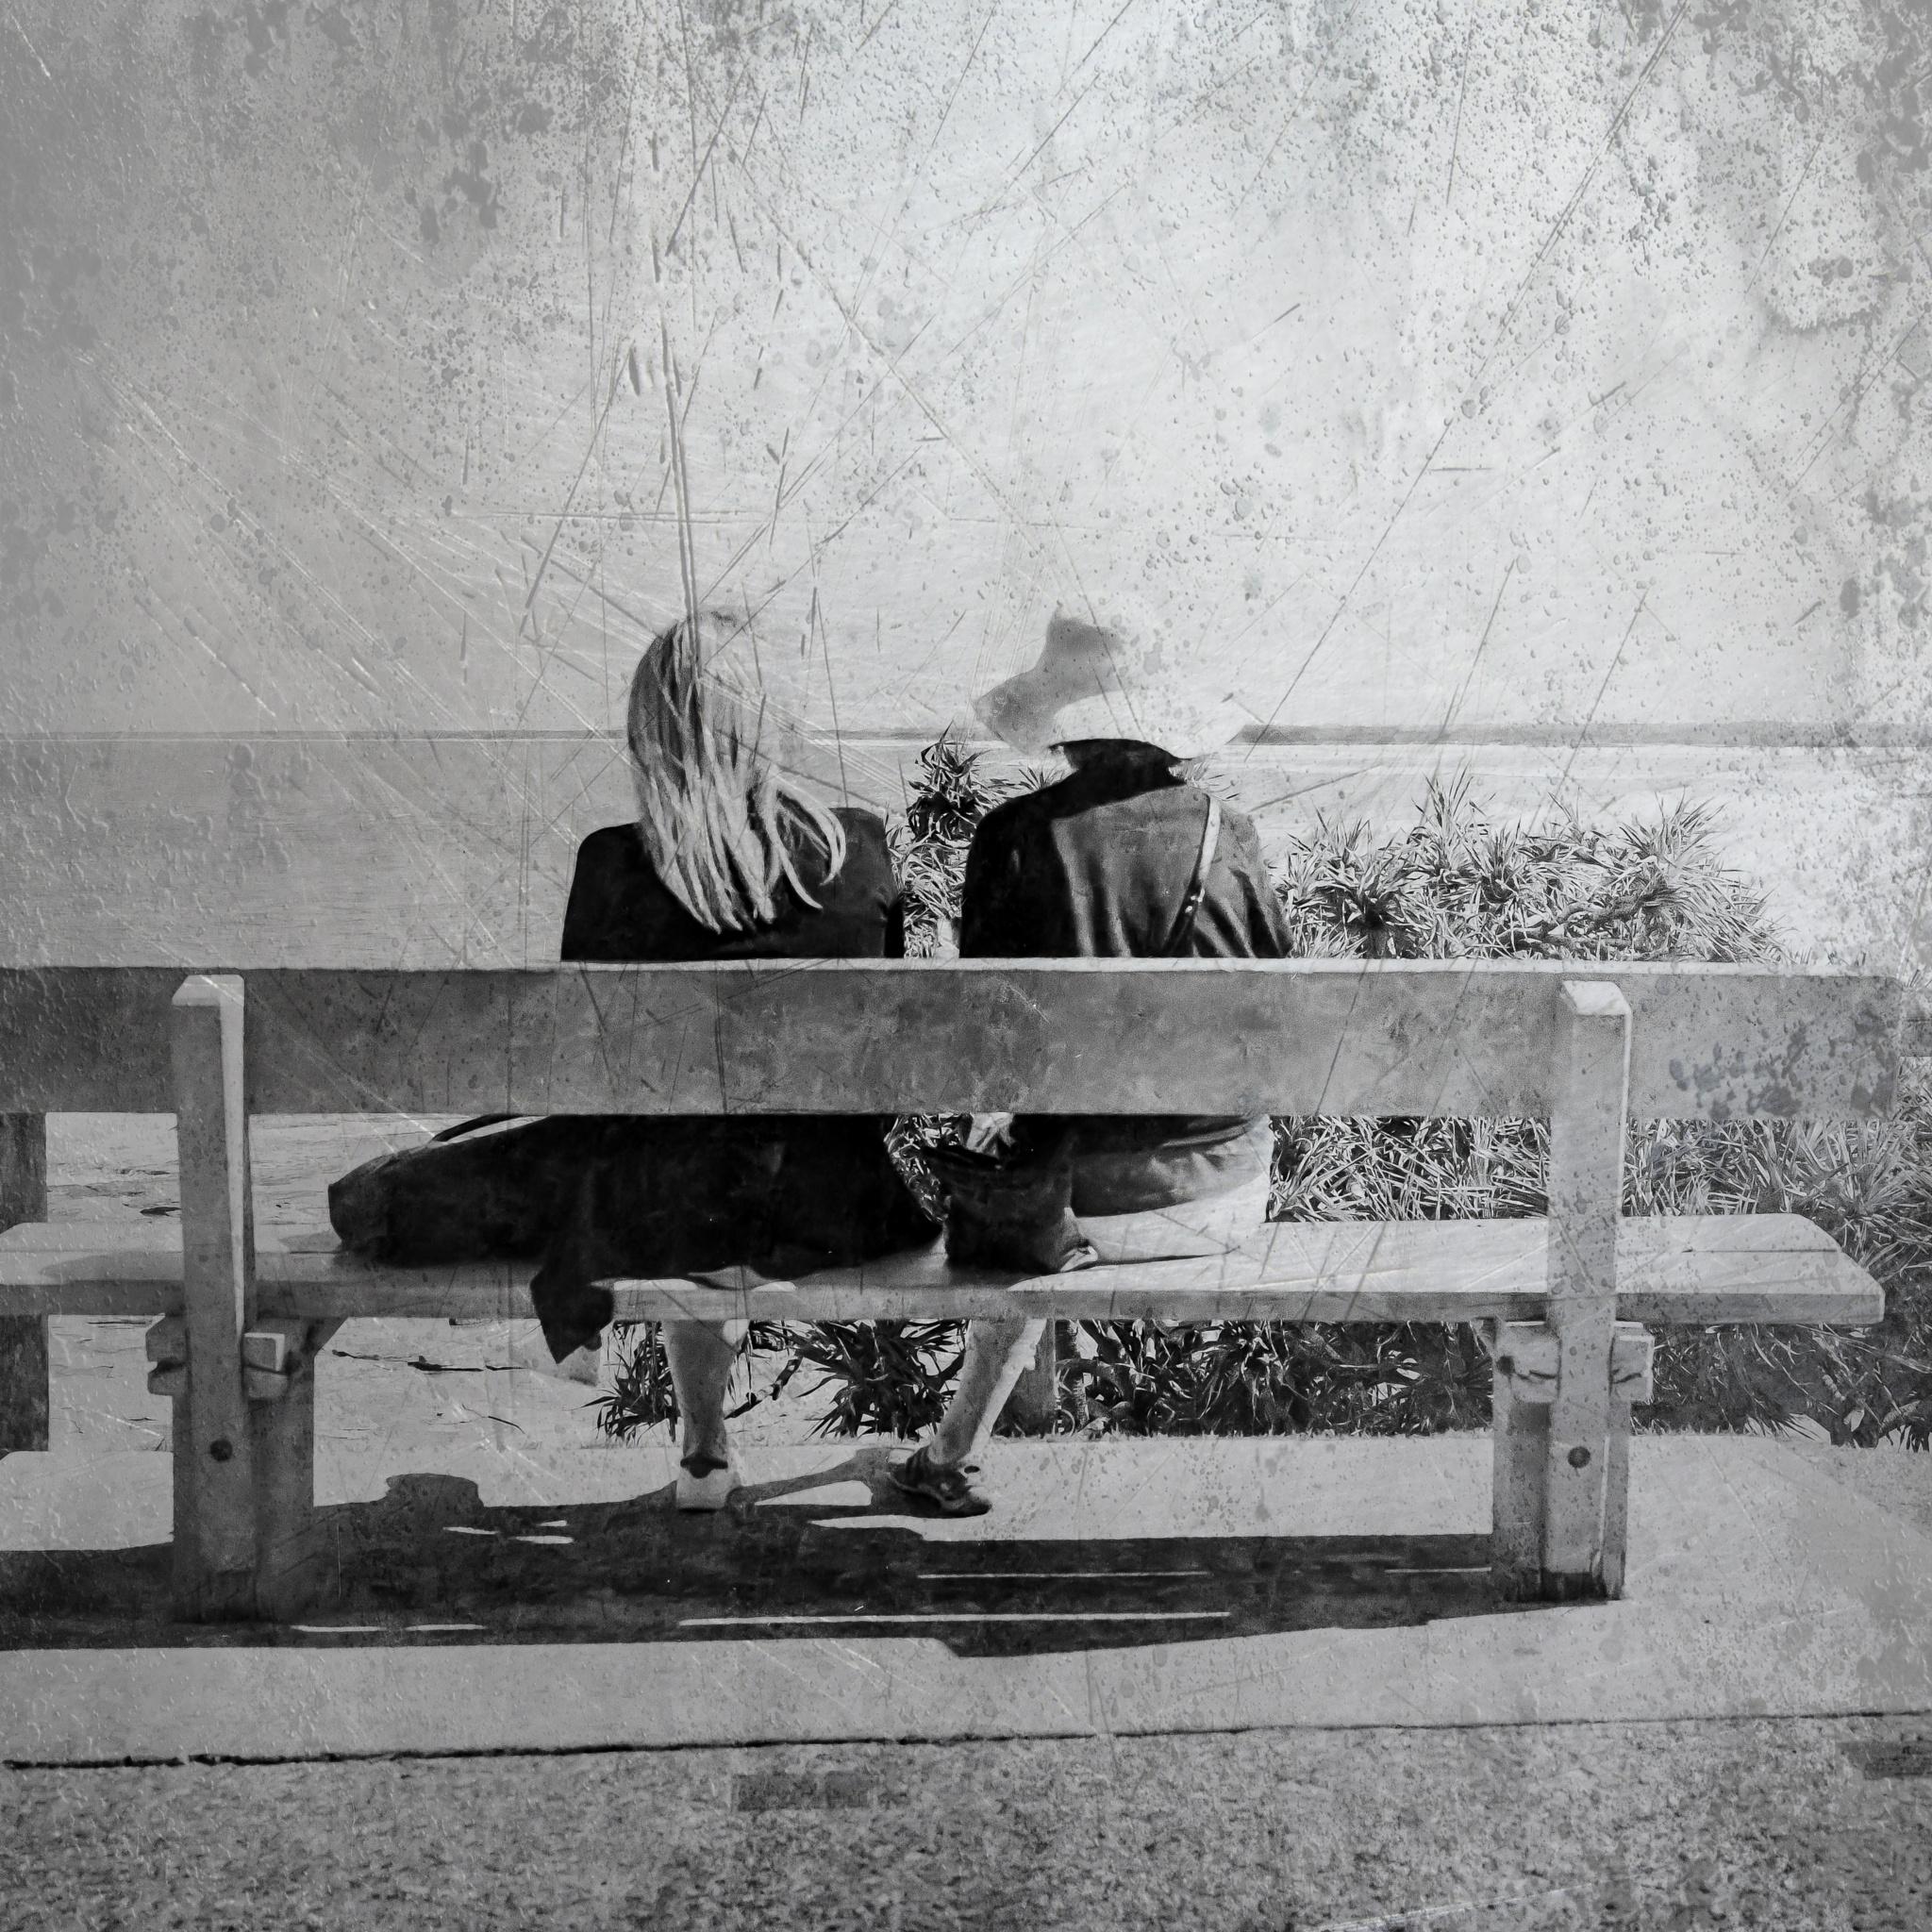 twoLegs by Max Evans